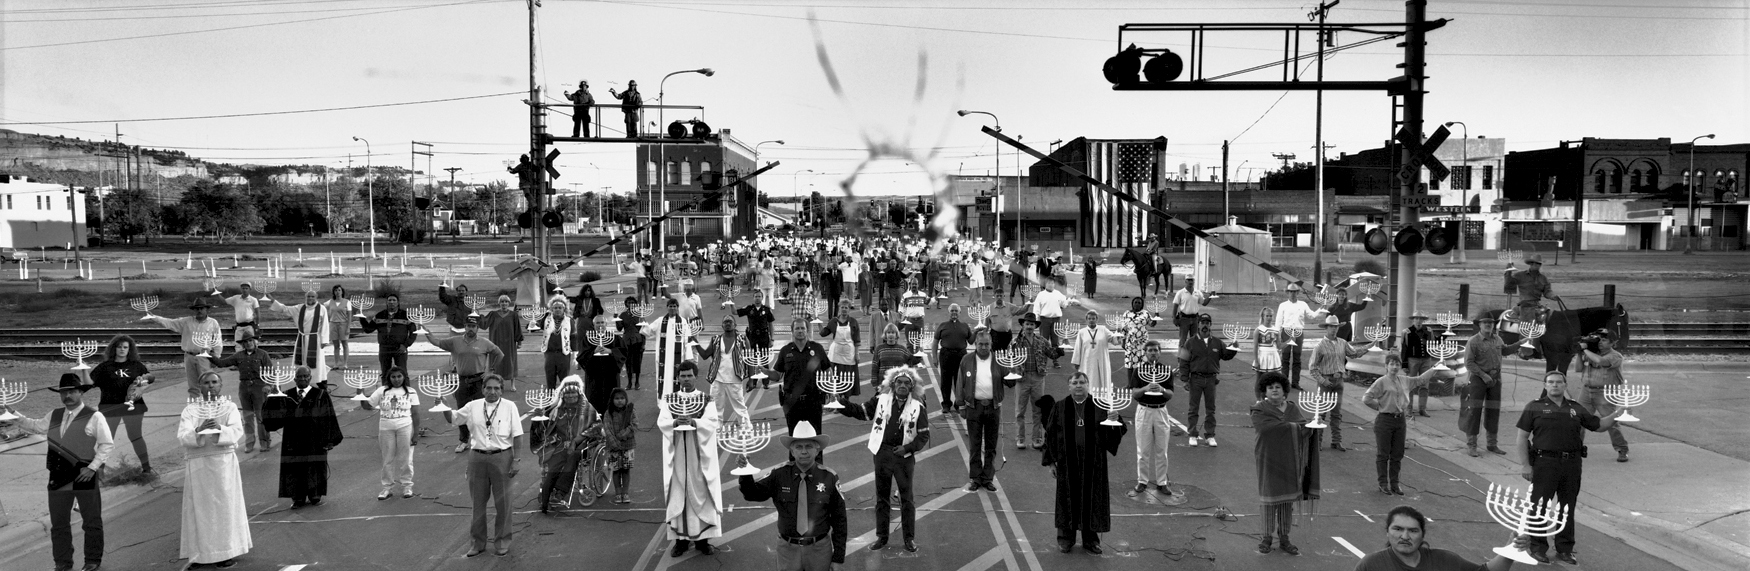 Commemoration of anti-semitic attacks at Billings, Montana.